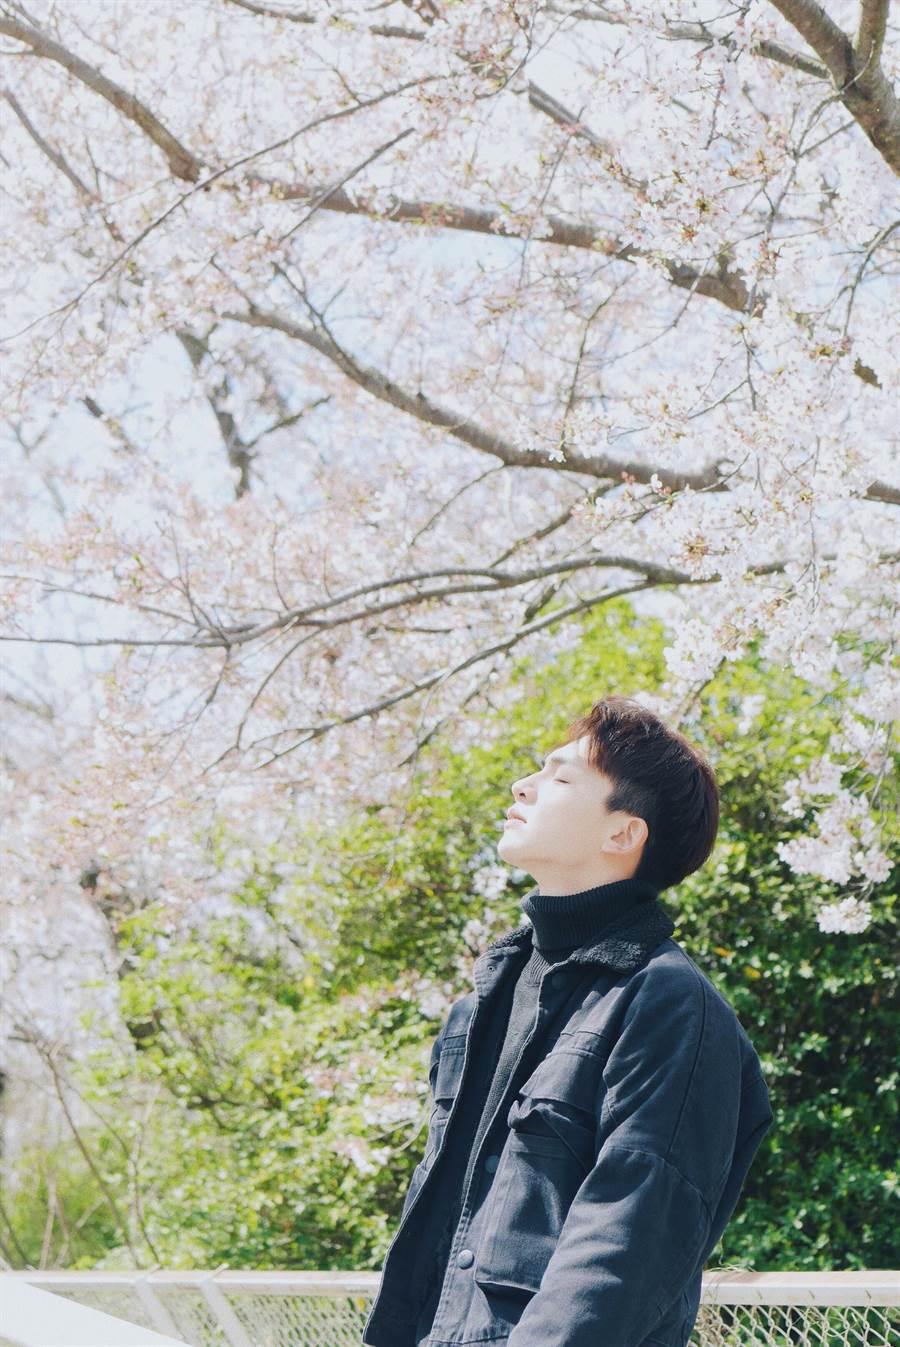 張洛偍去日本時正好遇上滿開櫻花,帥哥加上櫻花十分愜意。(圖/周子娛樂提供)